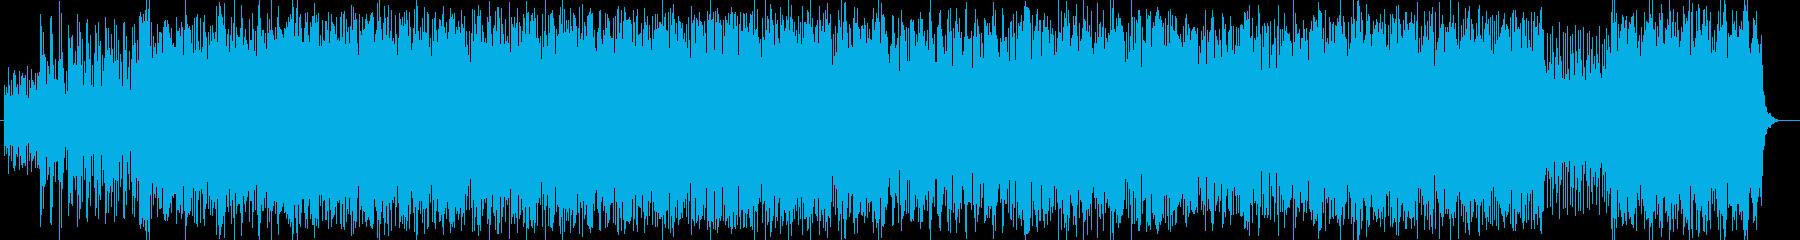 おしゃれなシンセサイザーテクノ風サウンドの再生済みの波形